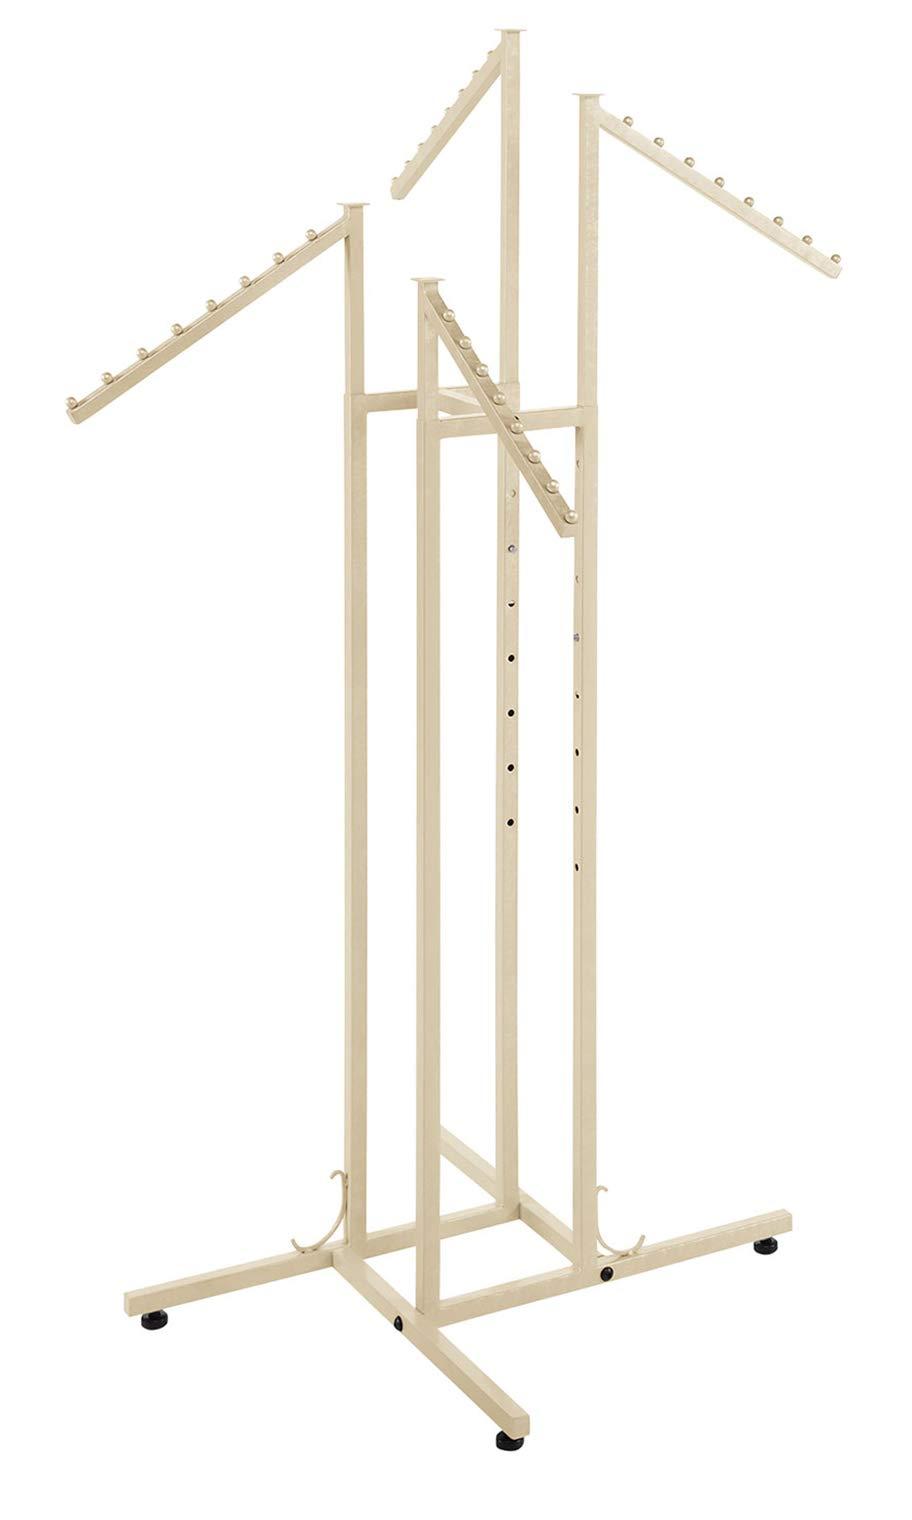 SSWBasics 4 Way Clothing Rack - Boutique Ivory - Slant Arms